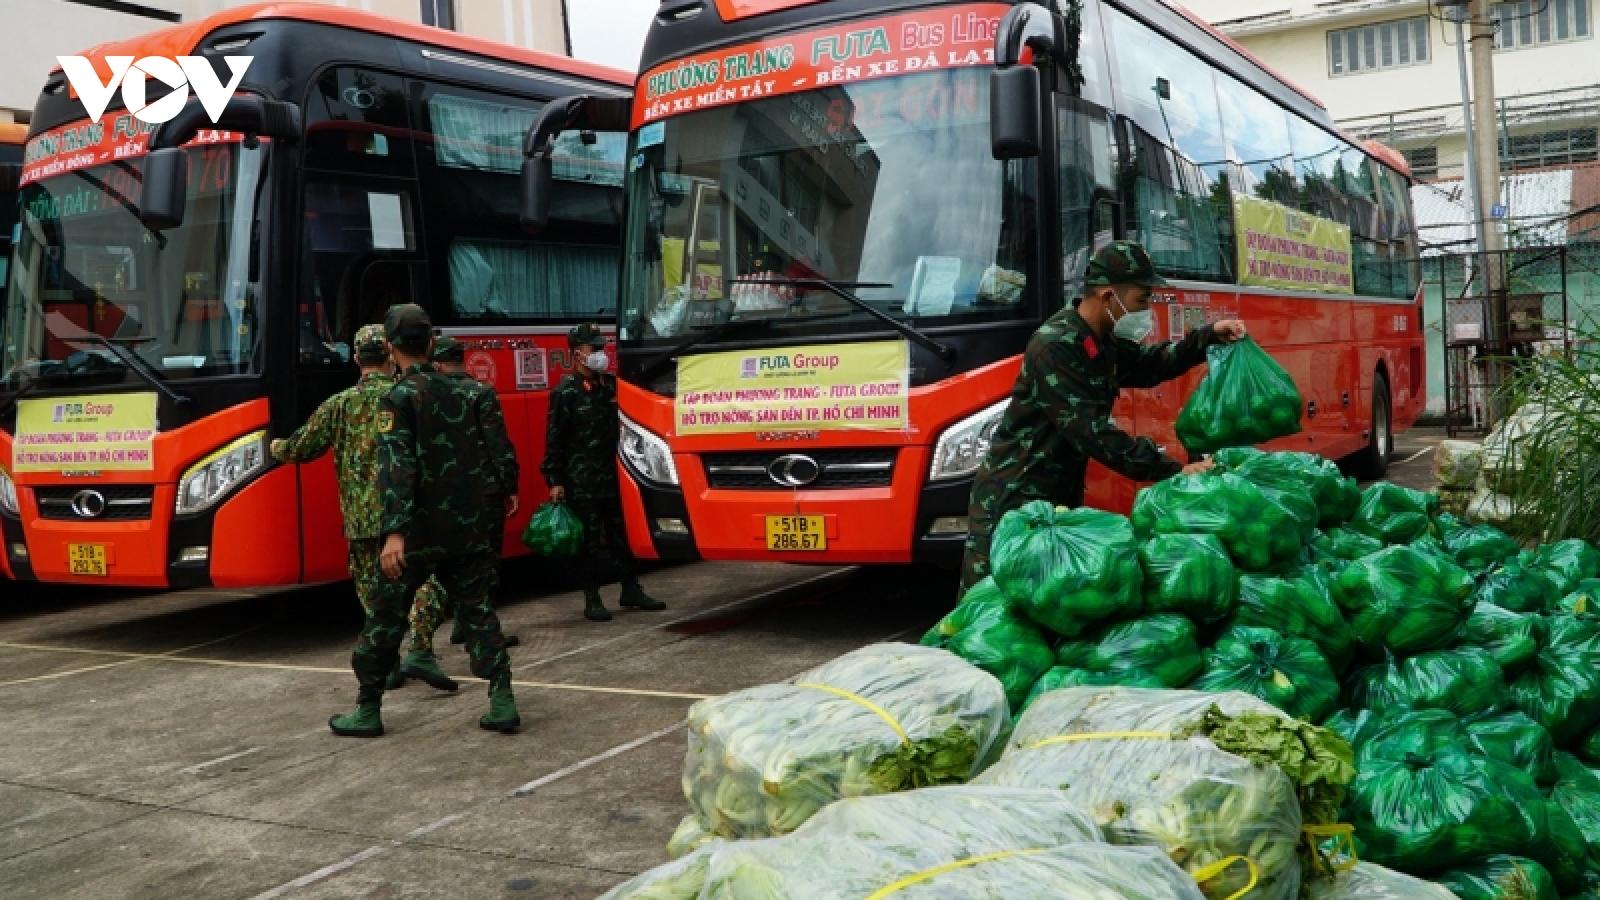 Lâm Đồng hoàn thành tặng 6.000 tấn nông sản cho TP.HCM